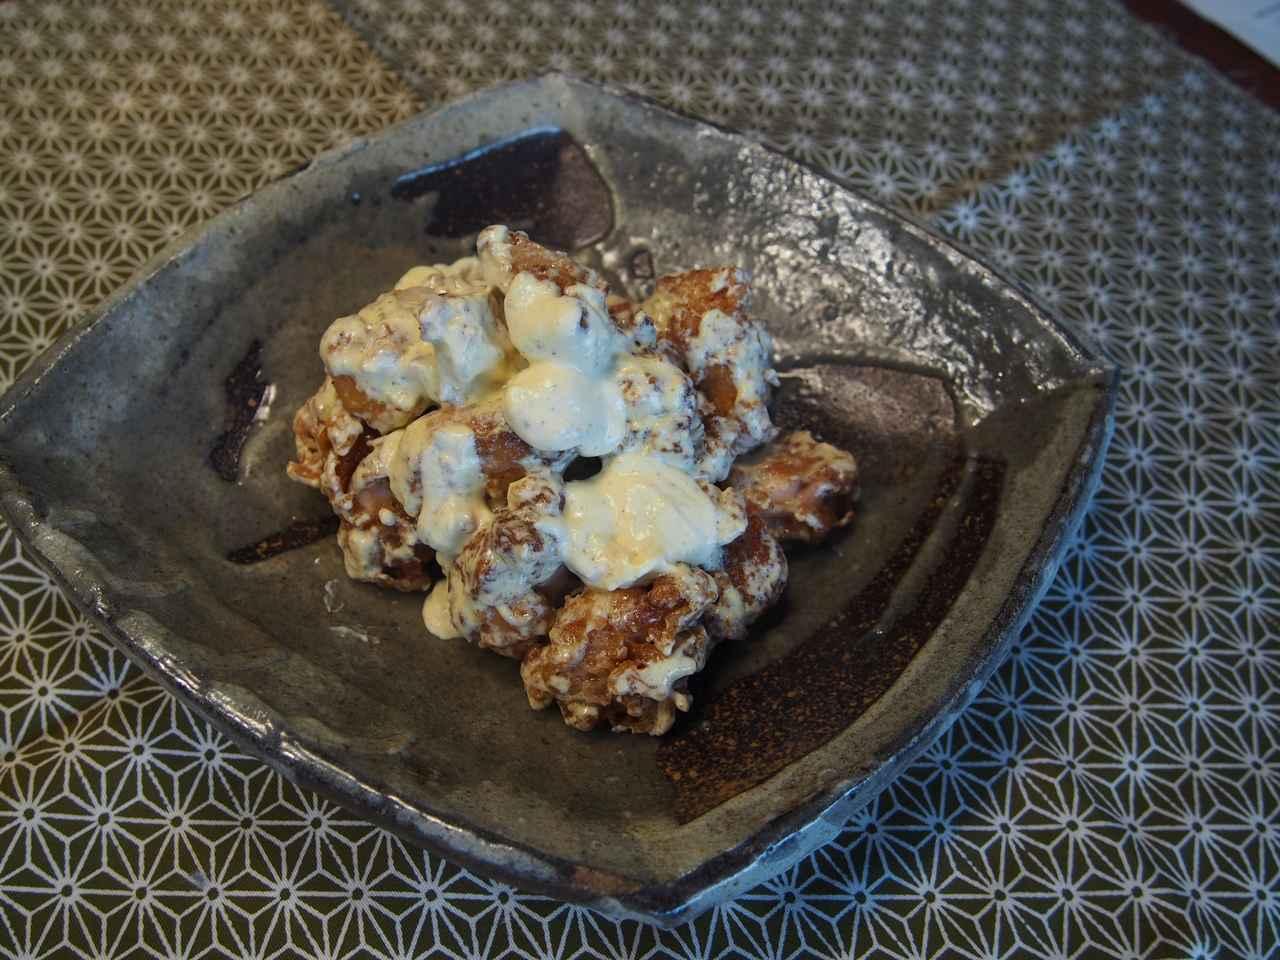 画像8: 鶏のから揚げ チーズと柚子胡椒マヨネーズ絡め